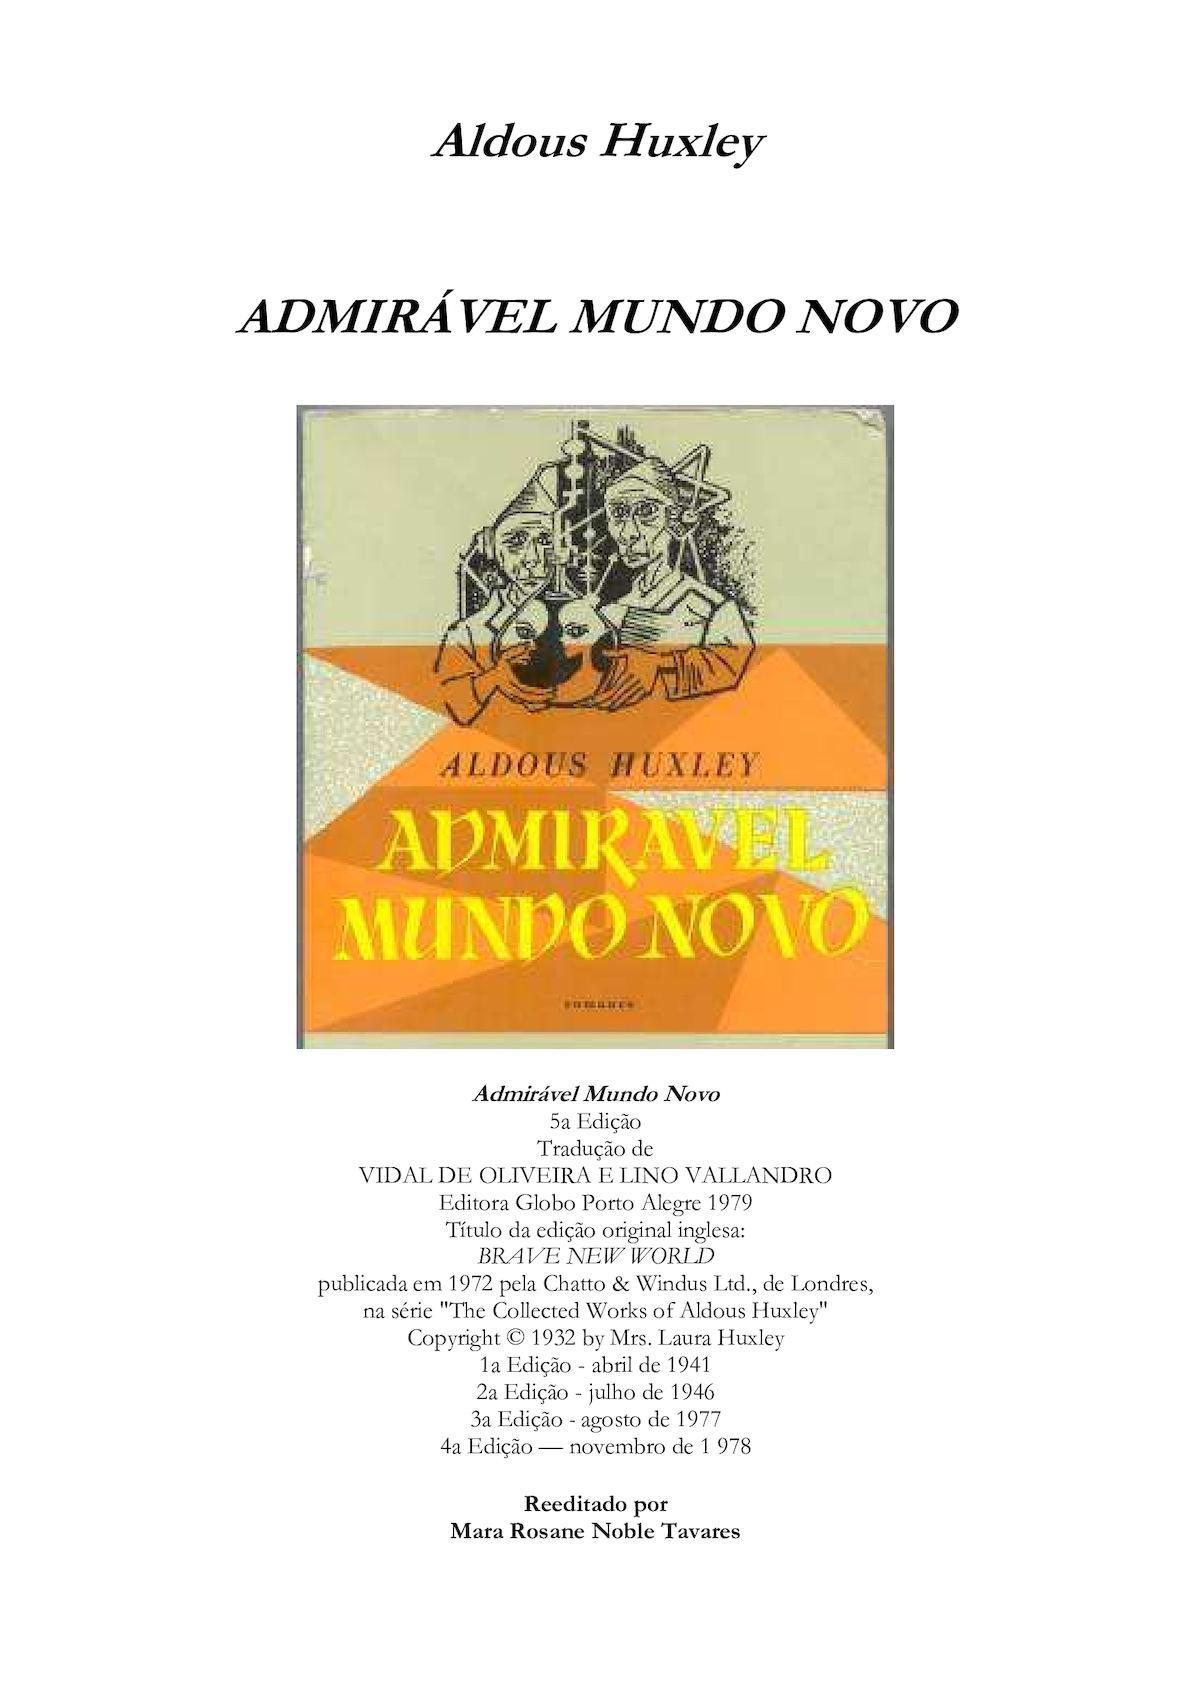 6204e8112be Calaméo - Admirável Mundo Novo